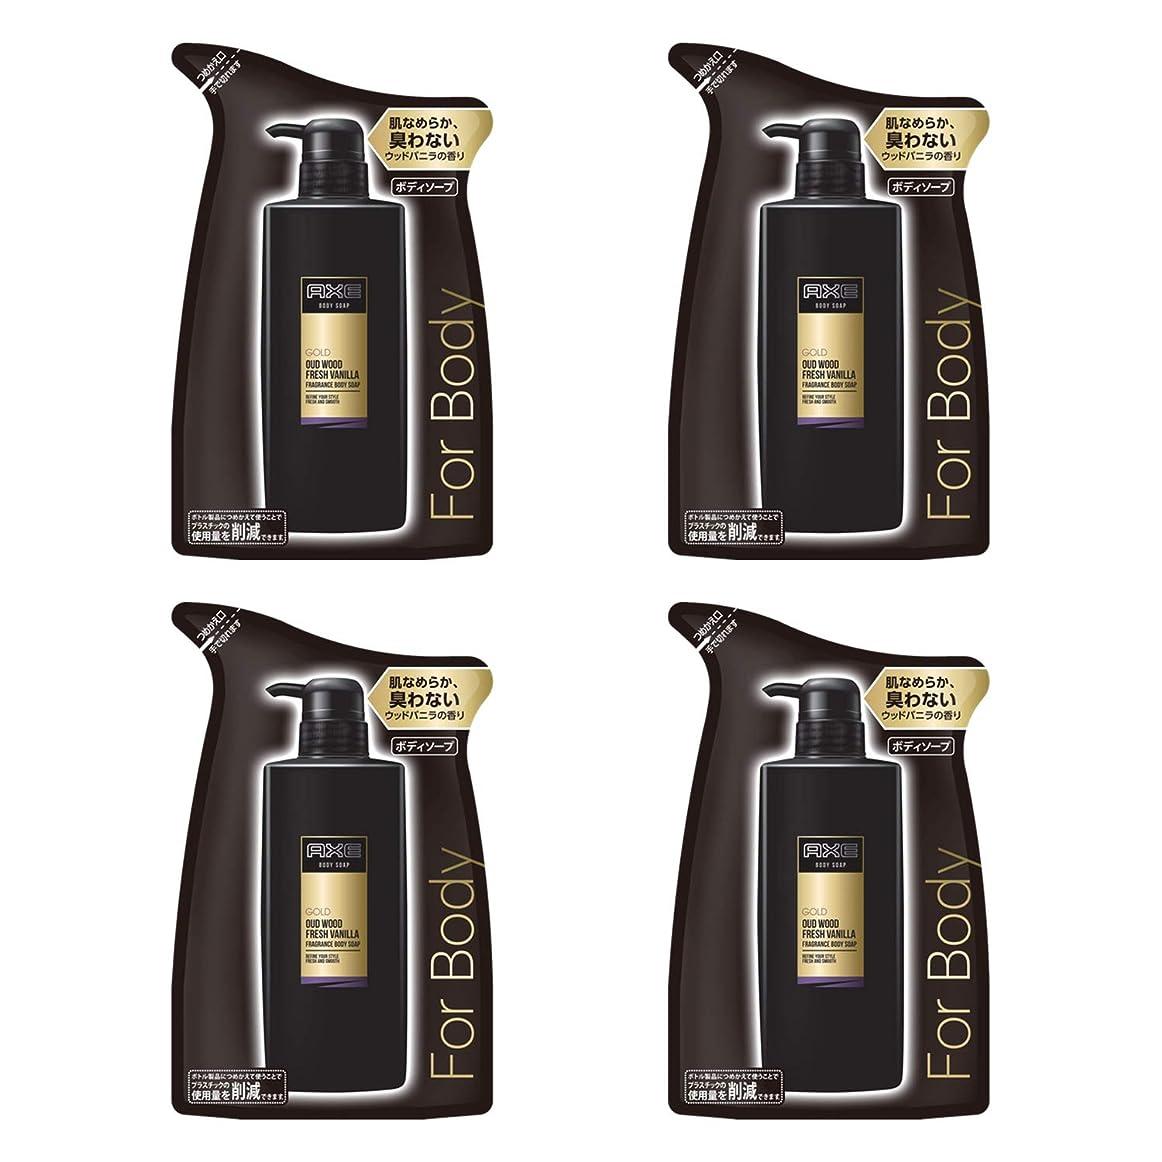 戦争篭恵み【4袋セット】 アックス ゴールド 男性用 フレグランス ボディソープ つめかえ用 (ウッドバニラの香り) 400g × 4袋